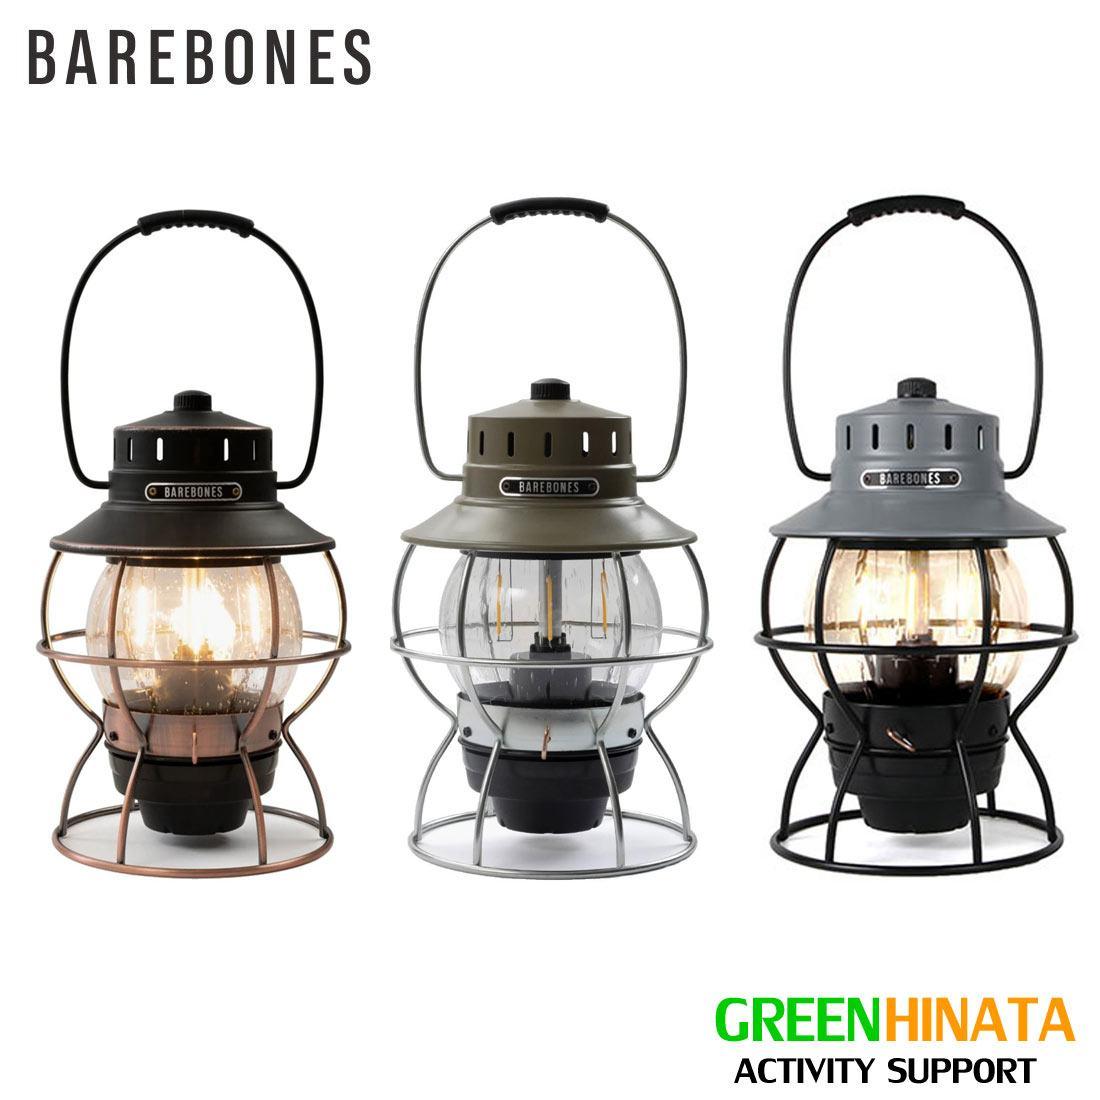 国内正規品 BarebonesLiving 【国内正規品】 ベアボーンズ リビング レイルロードランプ LED ランタン Barebones Edison Railroad lamp